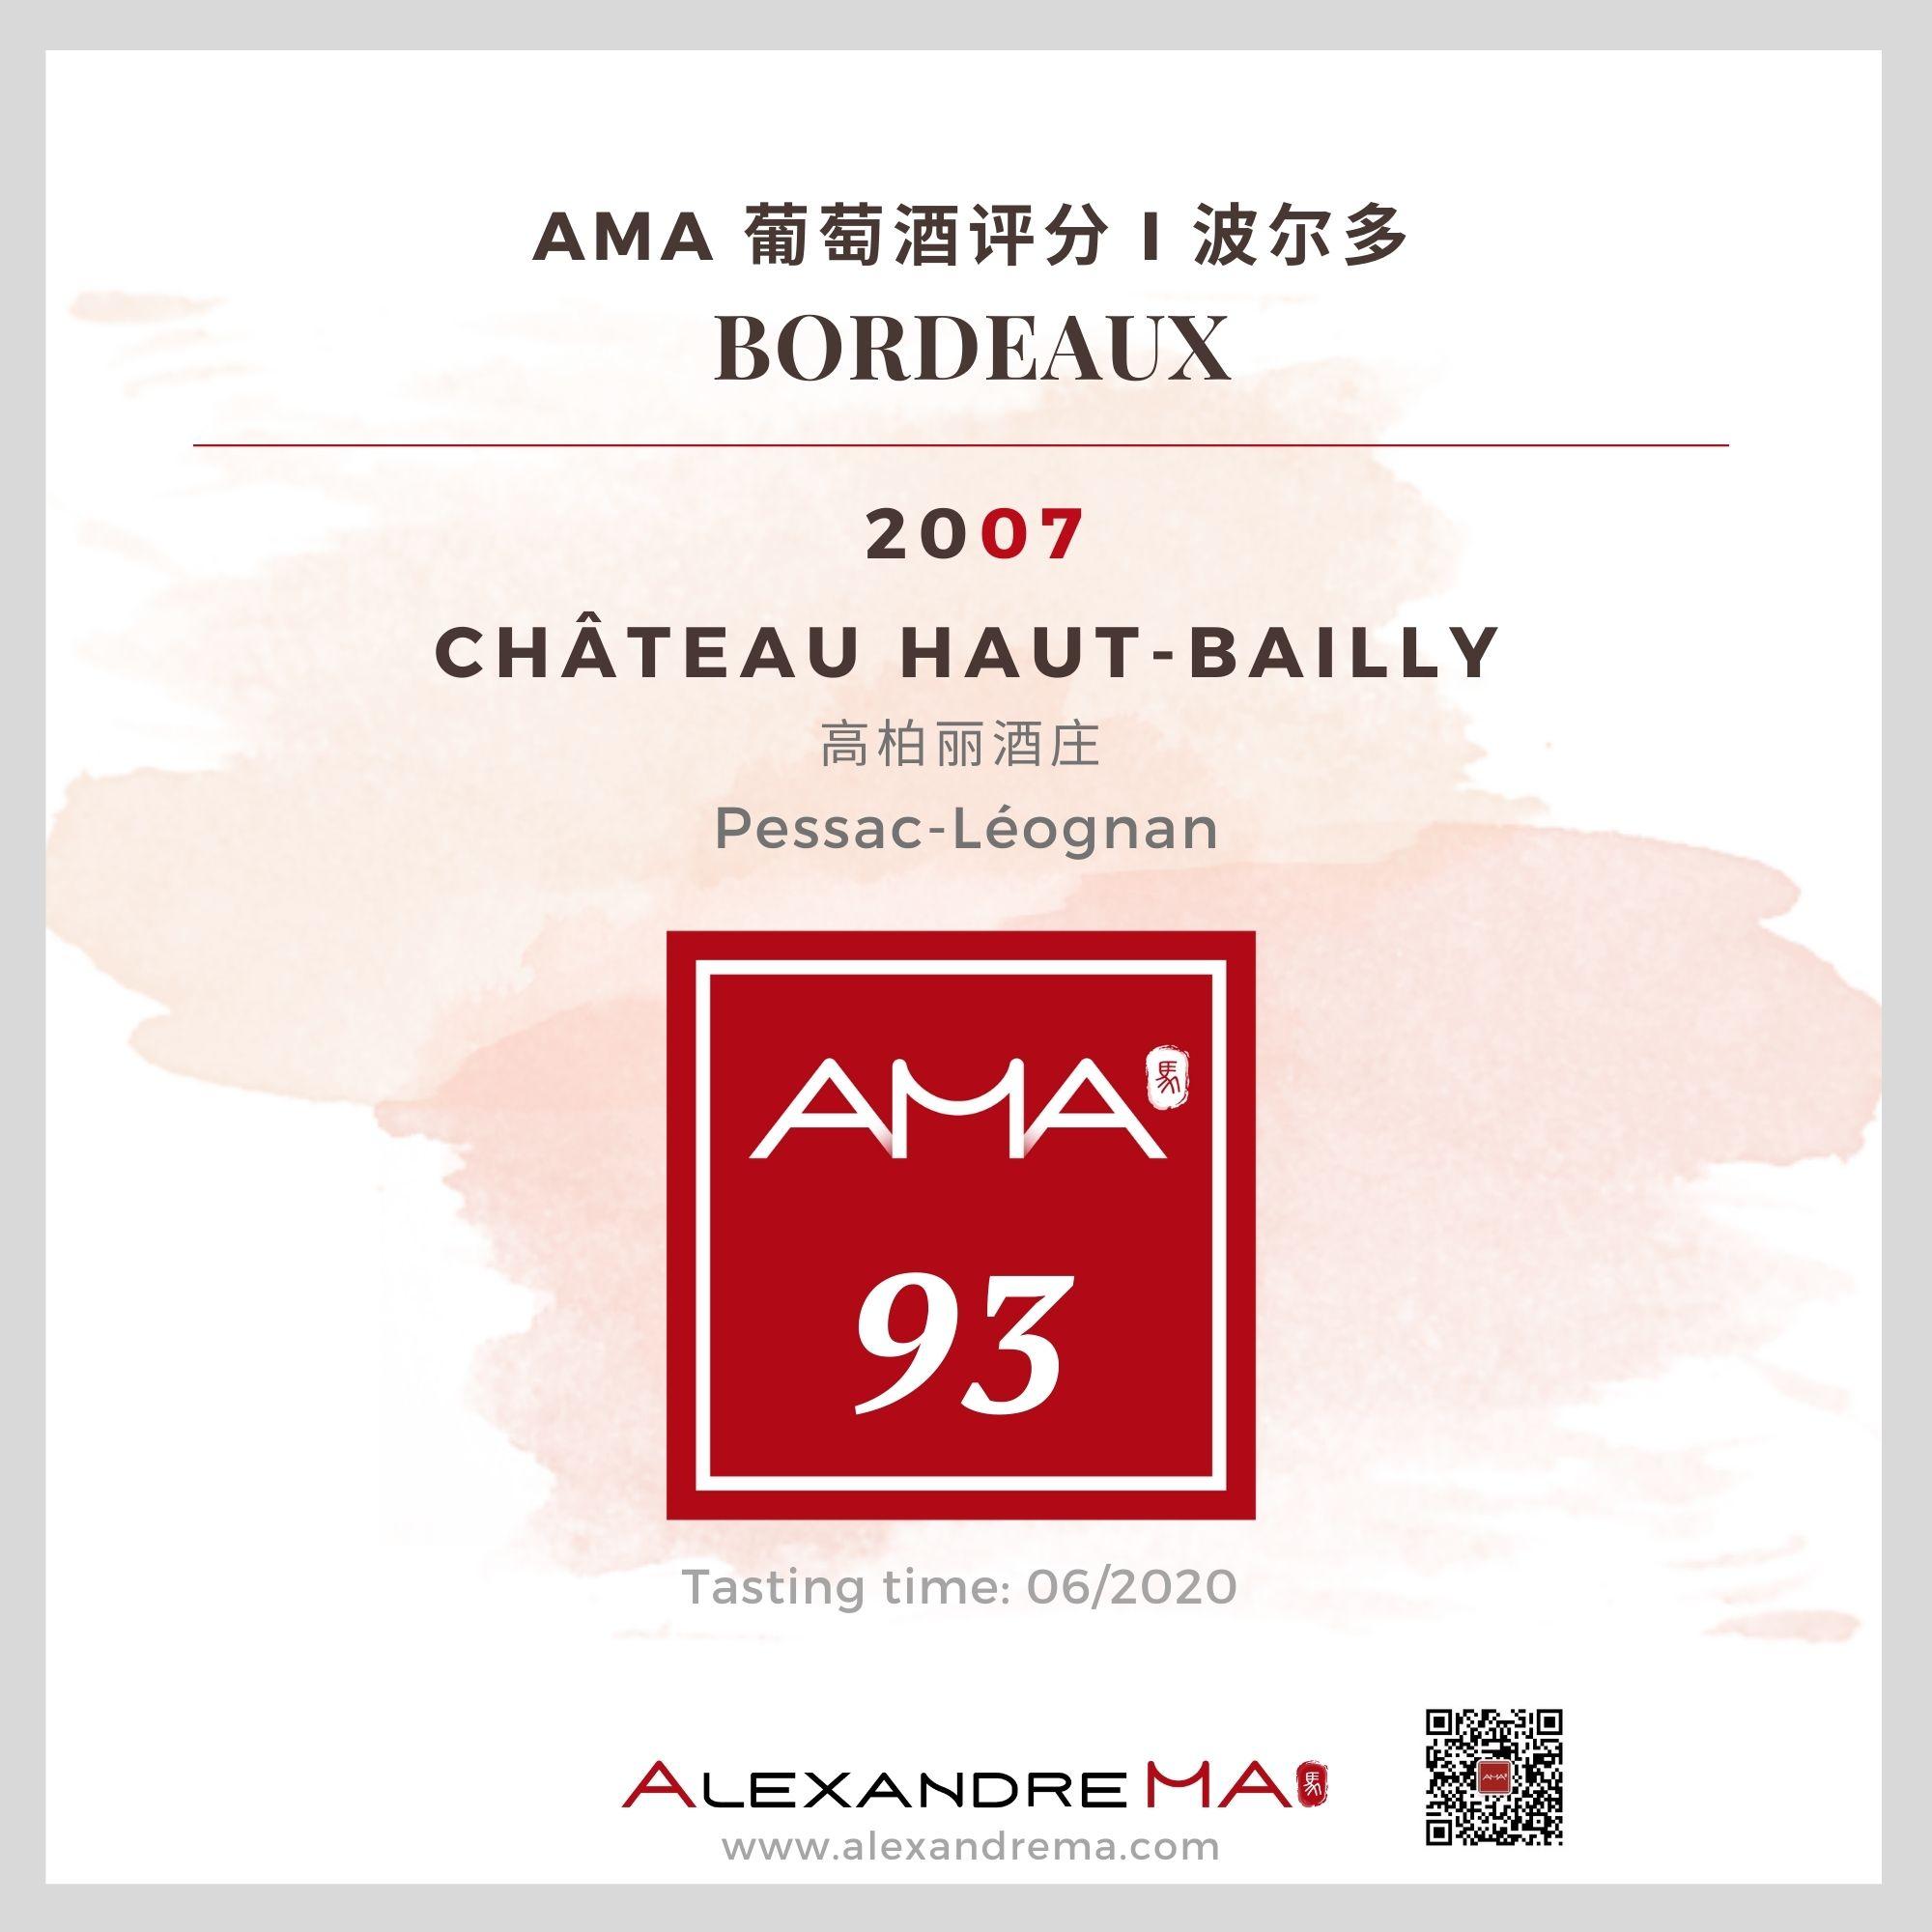 Château Haut-Bailly 2007 高柏丽酒庄 - Alexandre Ma